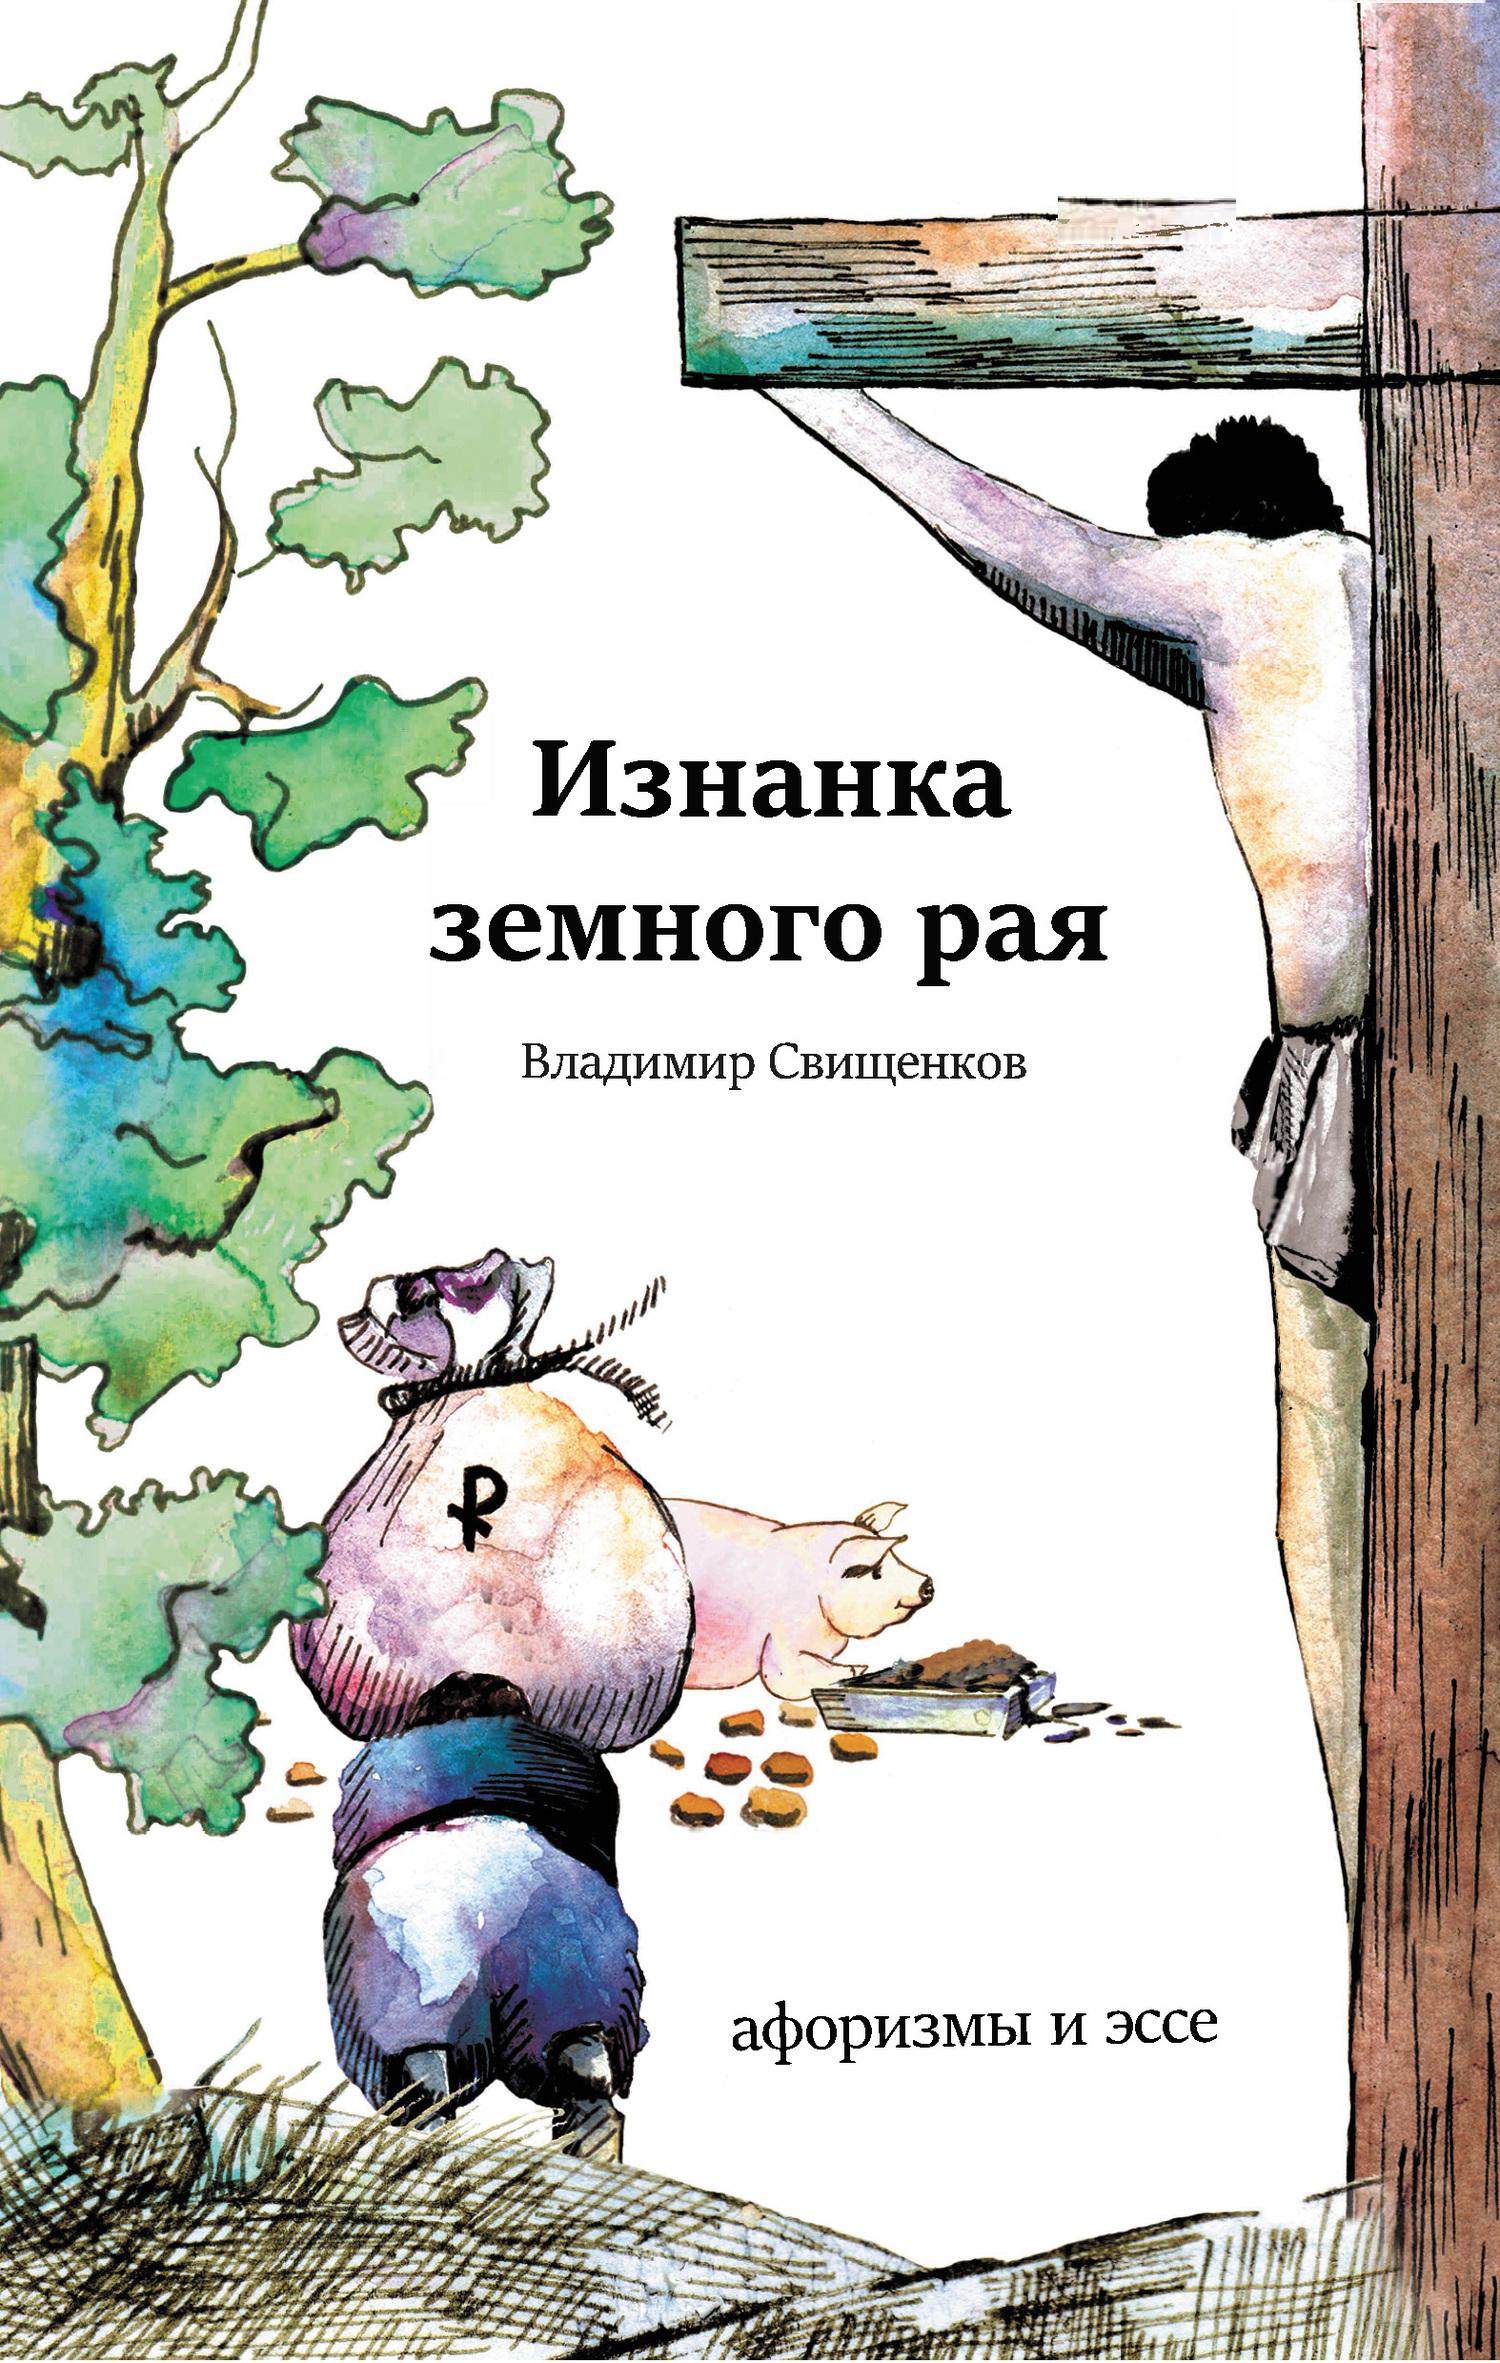 Владимир Свищенков - Изнанка земного рая (сборник)